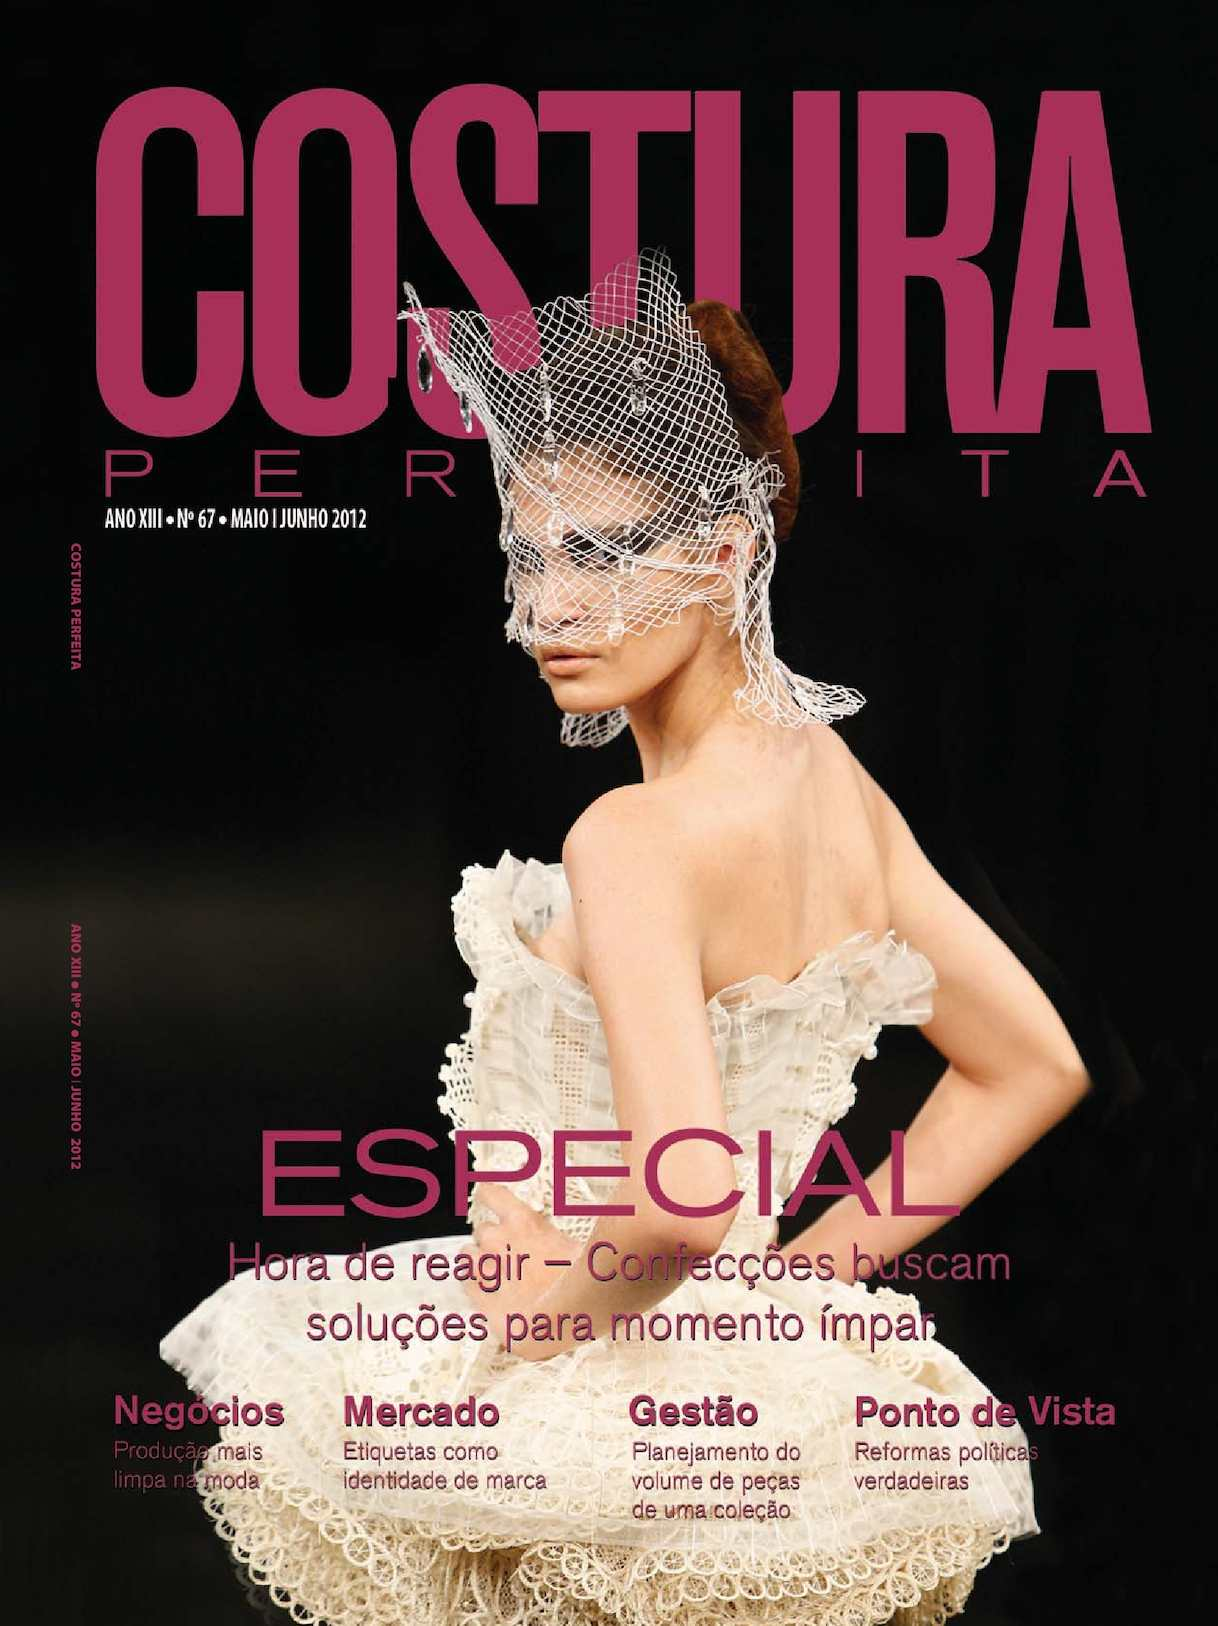 f3ddf7fe9 Calaméo - Revista Costura Perfeita Edição Ano XIII - N67 - Maio-Junho 2012